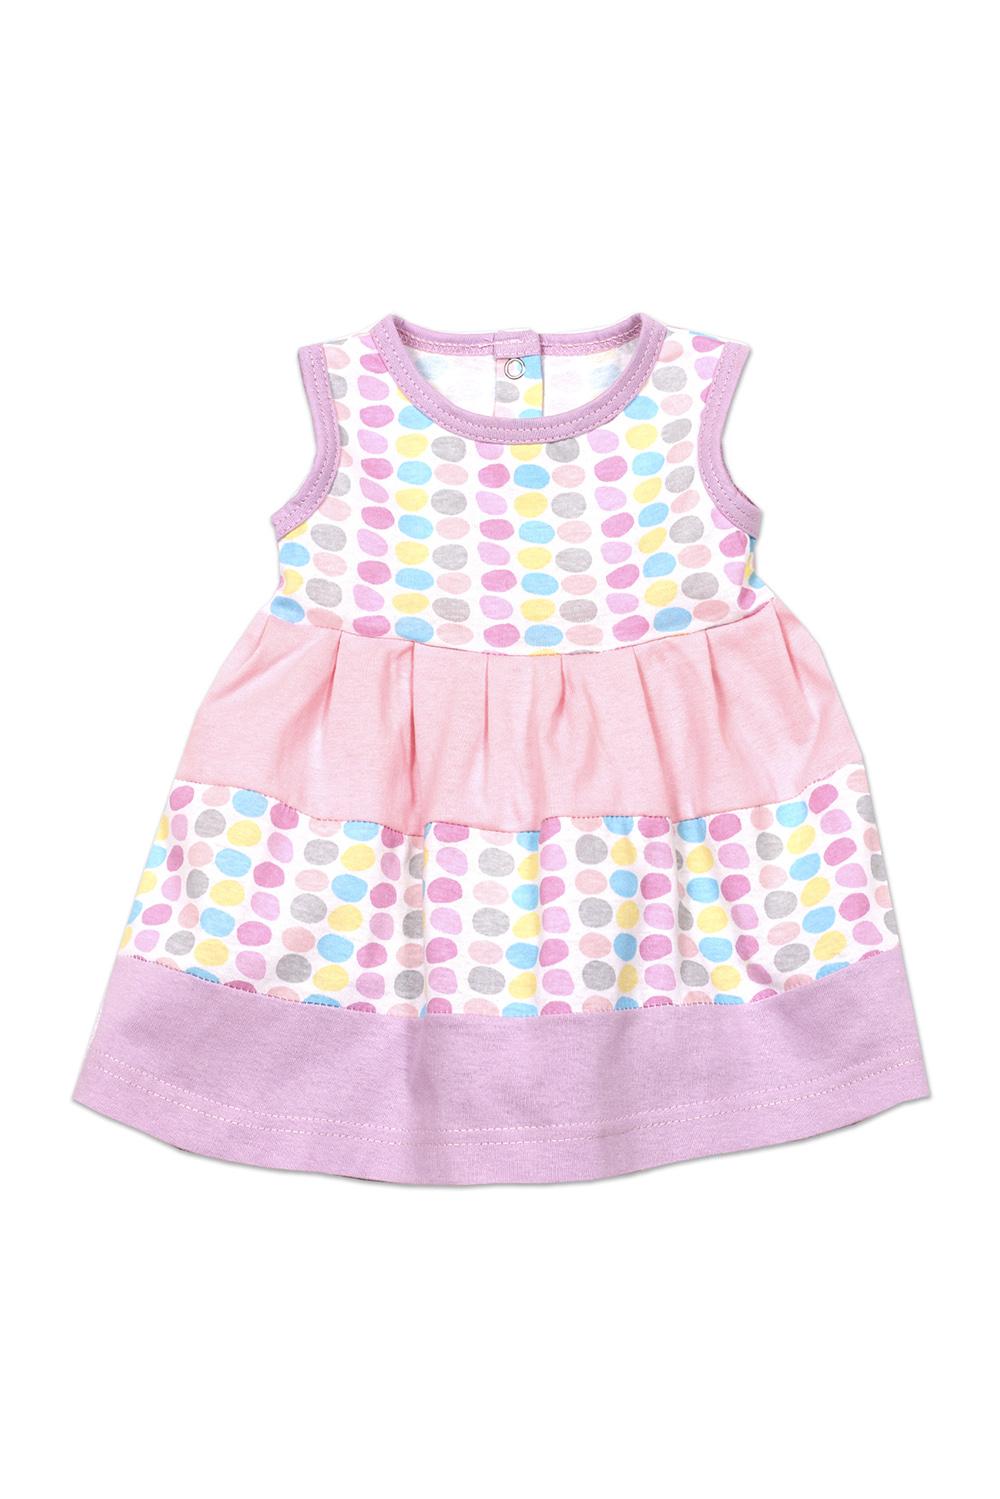 ПлатьеСарафаны<br>Трикотажное платье для девочки.  В изделии использованы цвета: розовый и др.   Размер соответствует росту ребенка<br><br>Бретели: Широкие бретели<br>Горловина: С- горловина<br>По возрасту: Ясельные ( от 1 до 3 лет)<br>По длине: Миди<br>По материалу: Трикотажные,Хлопковые<br>По образу: Повседневные<br>По рисунку: В горошек,С принтом (печатью),Цветные<br>По силуэту: Полуприталенные<br>По стилю: Летние,Повседневные<br>По элементам: Без рукавов<br>По сезону: Лето<br>Размер : 62,68<br>Материал: Трикотаж<br>Количество в наличии: 6